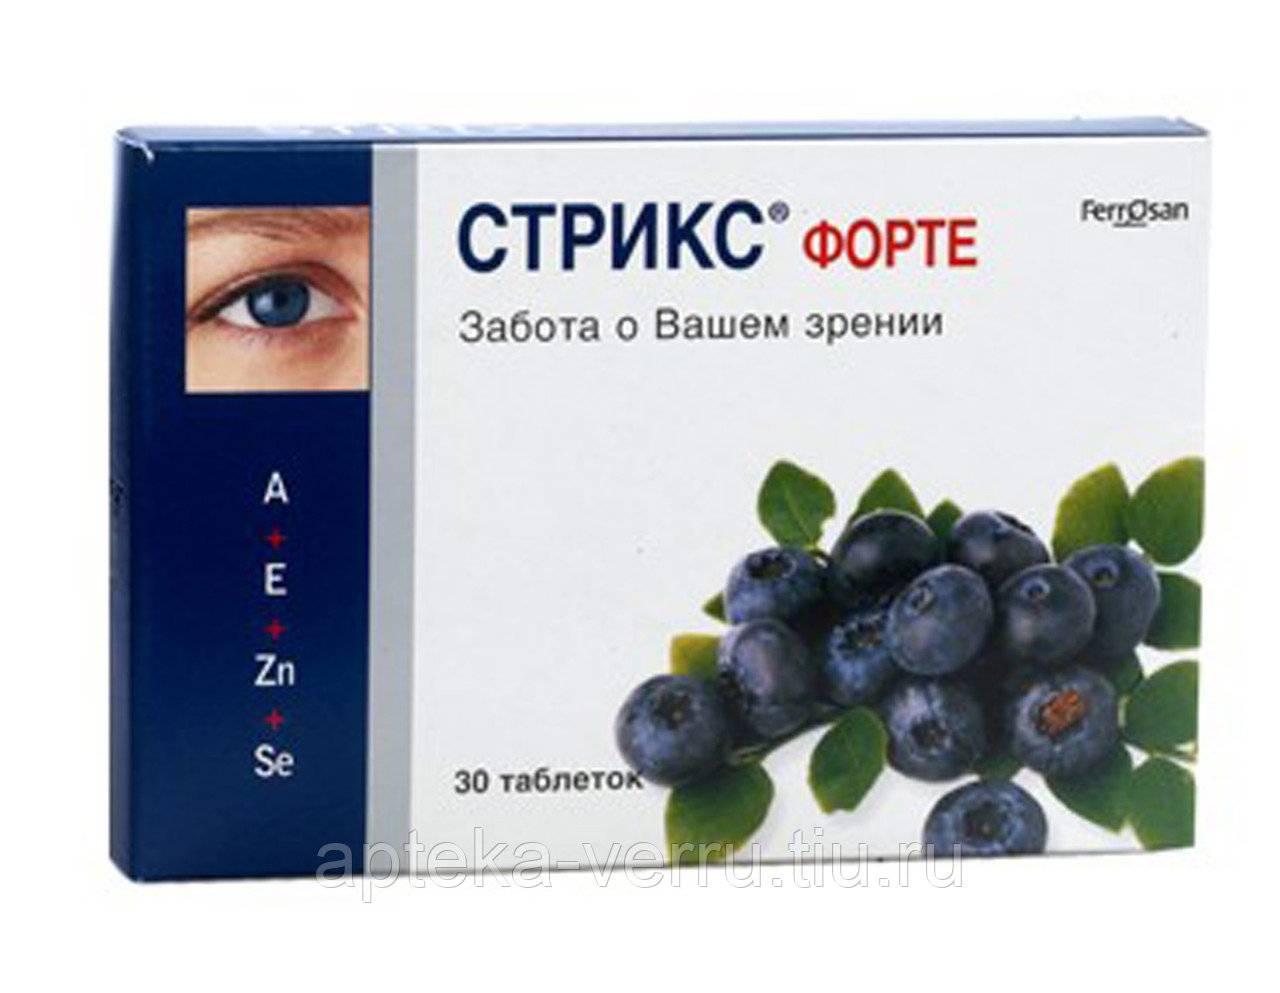 Стрикс (форте, кидс, менеджер) - обзор витаминов для глаз и аналоги